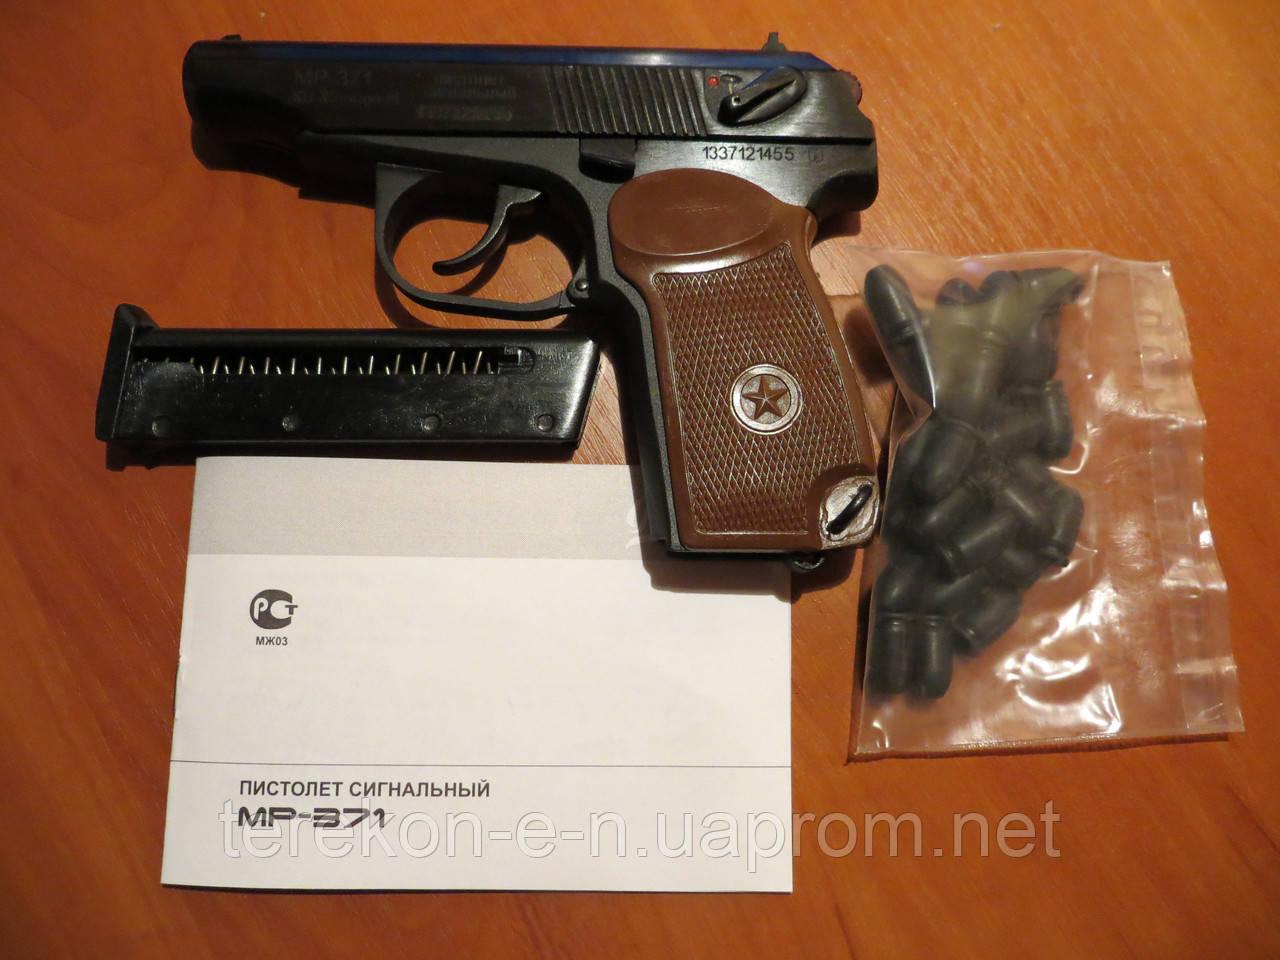 Сигнальный стартовый пистолет мр371 ижевский, baikal